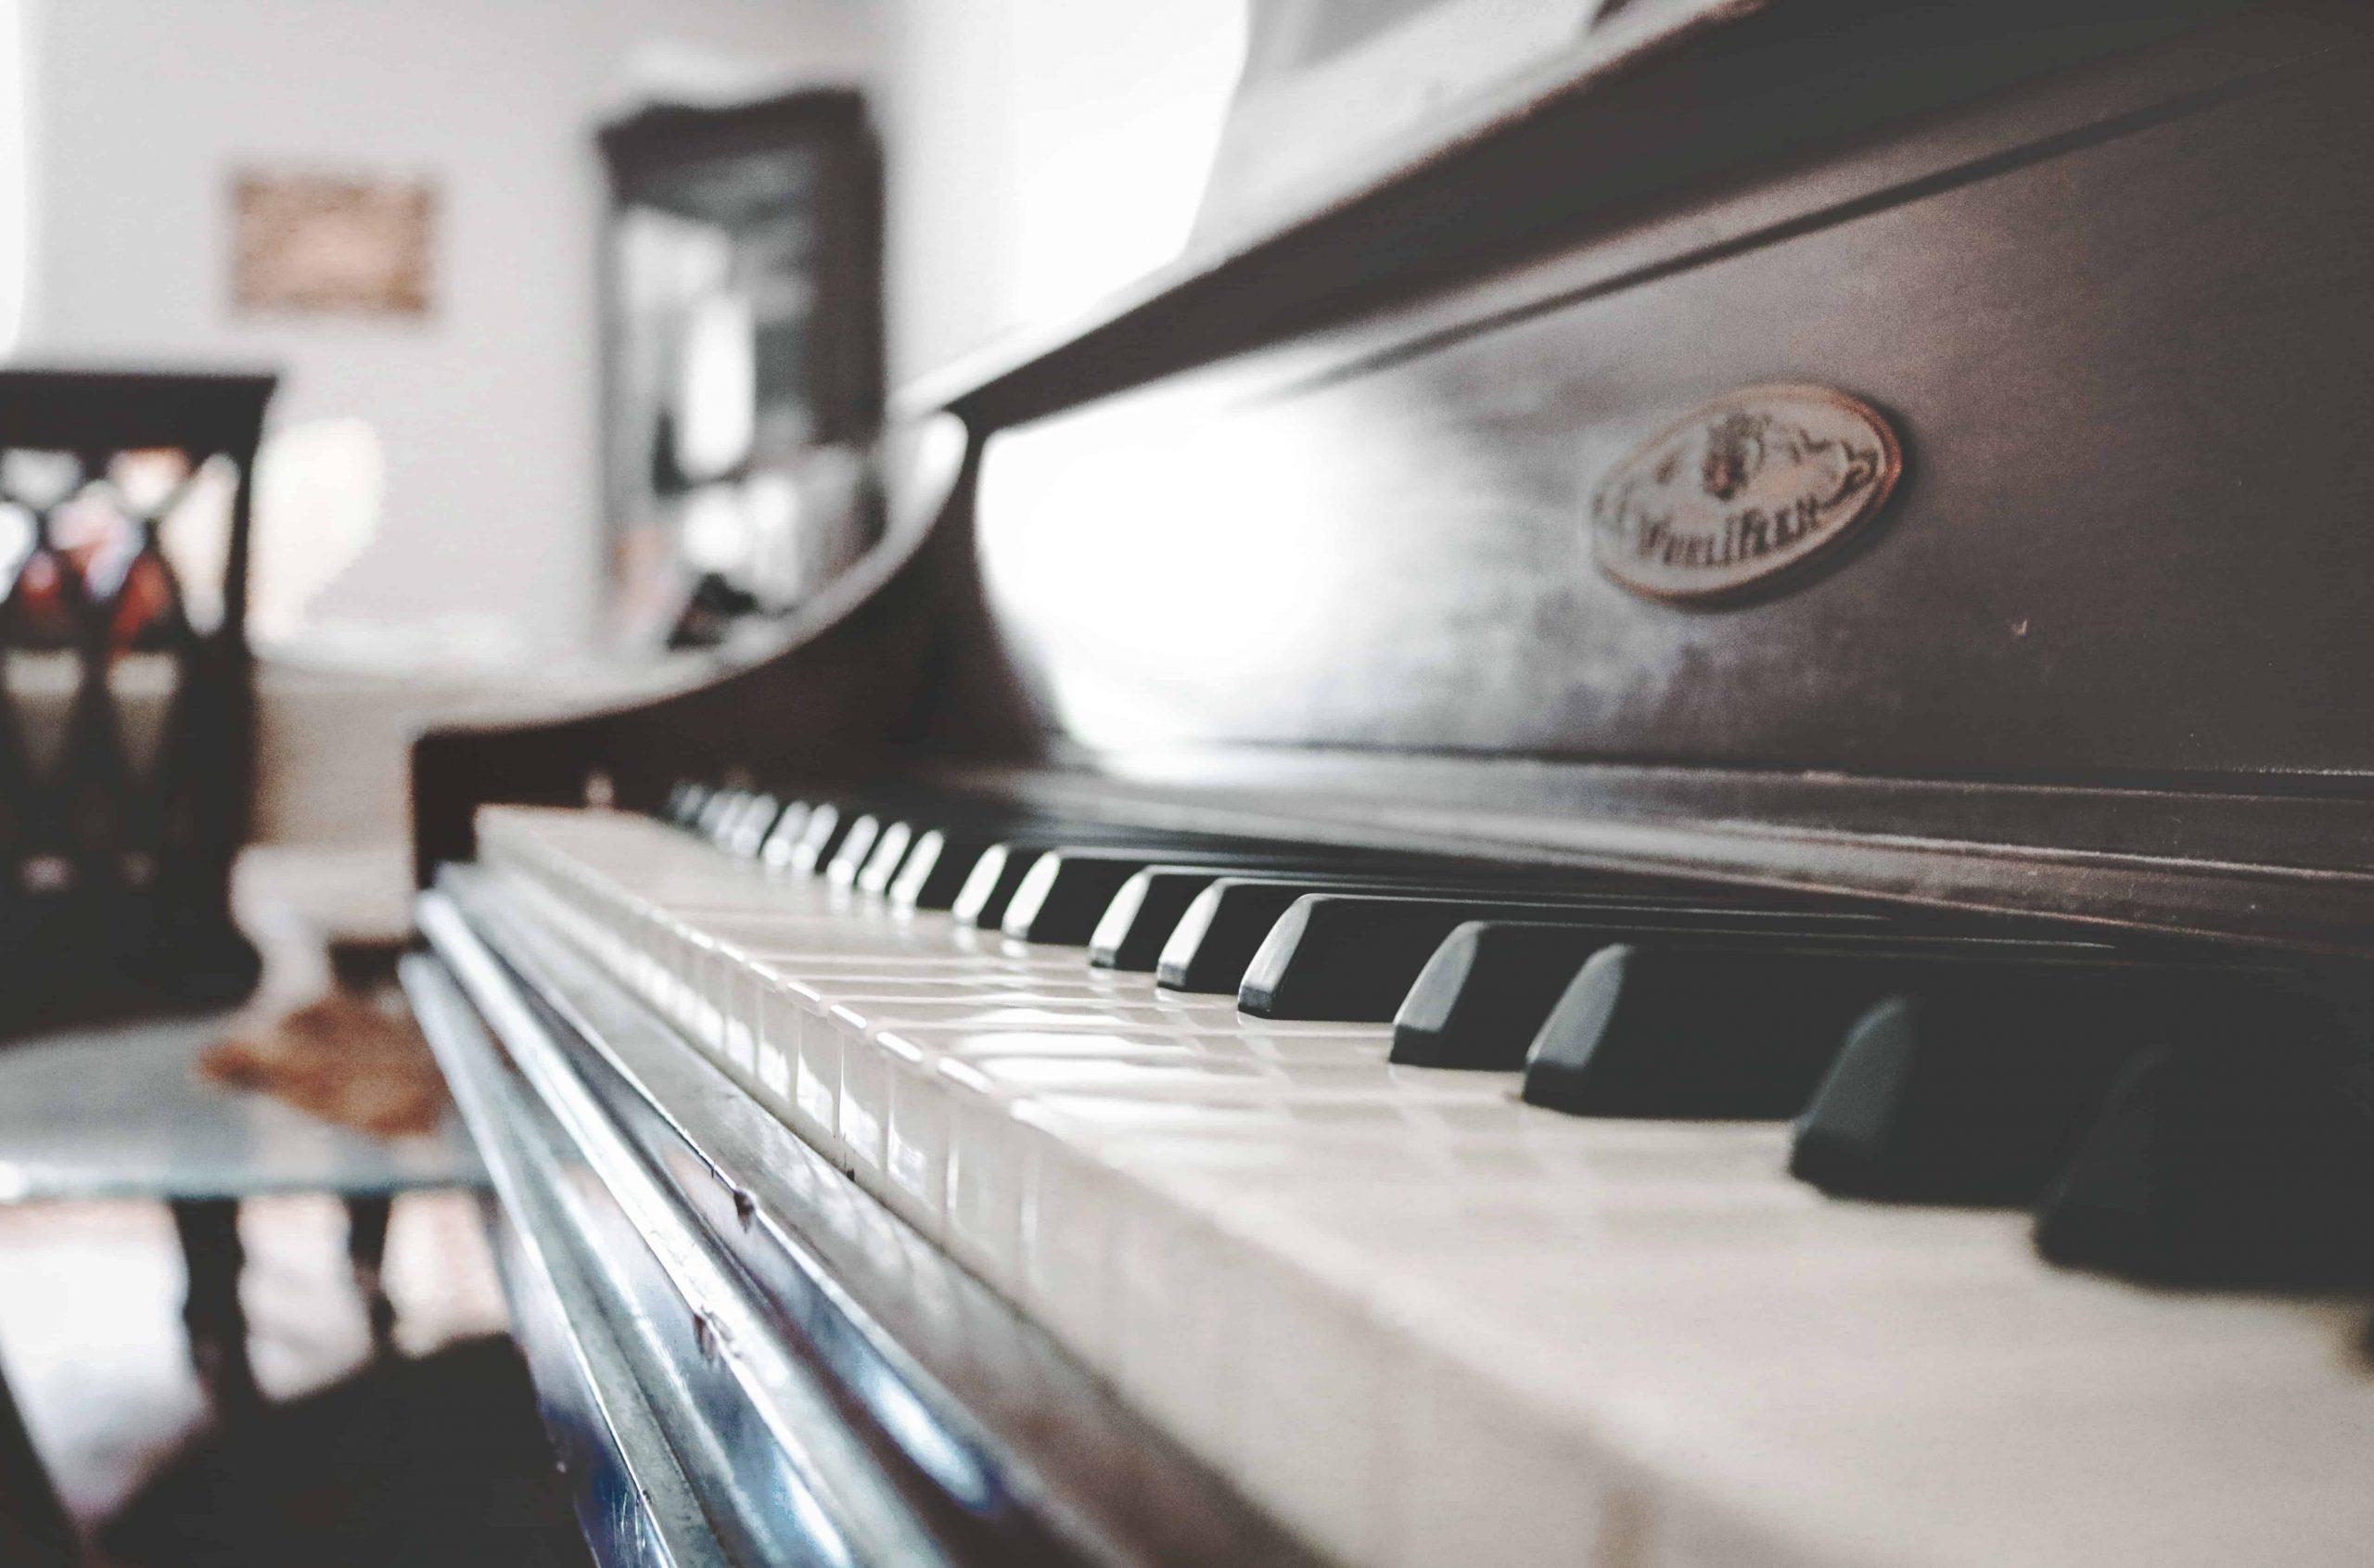 Klavierhocker: Test & Empfehlungen (04/21)